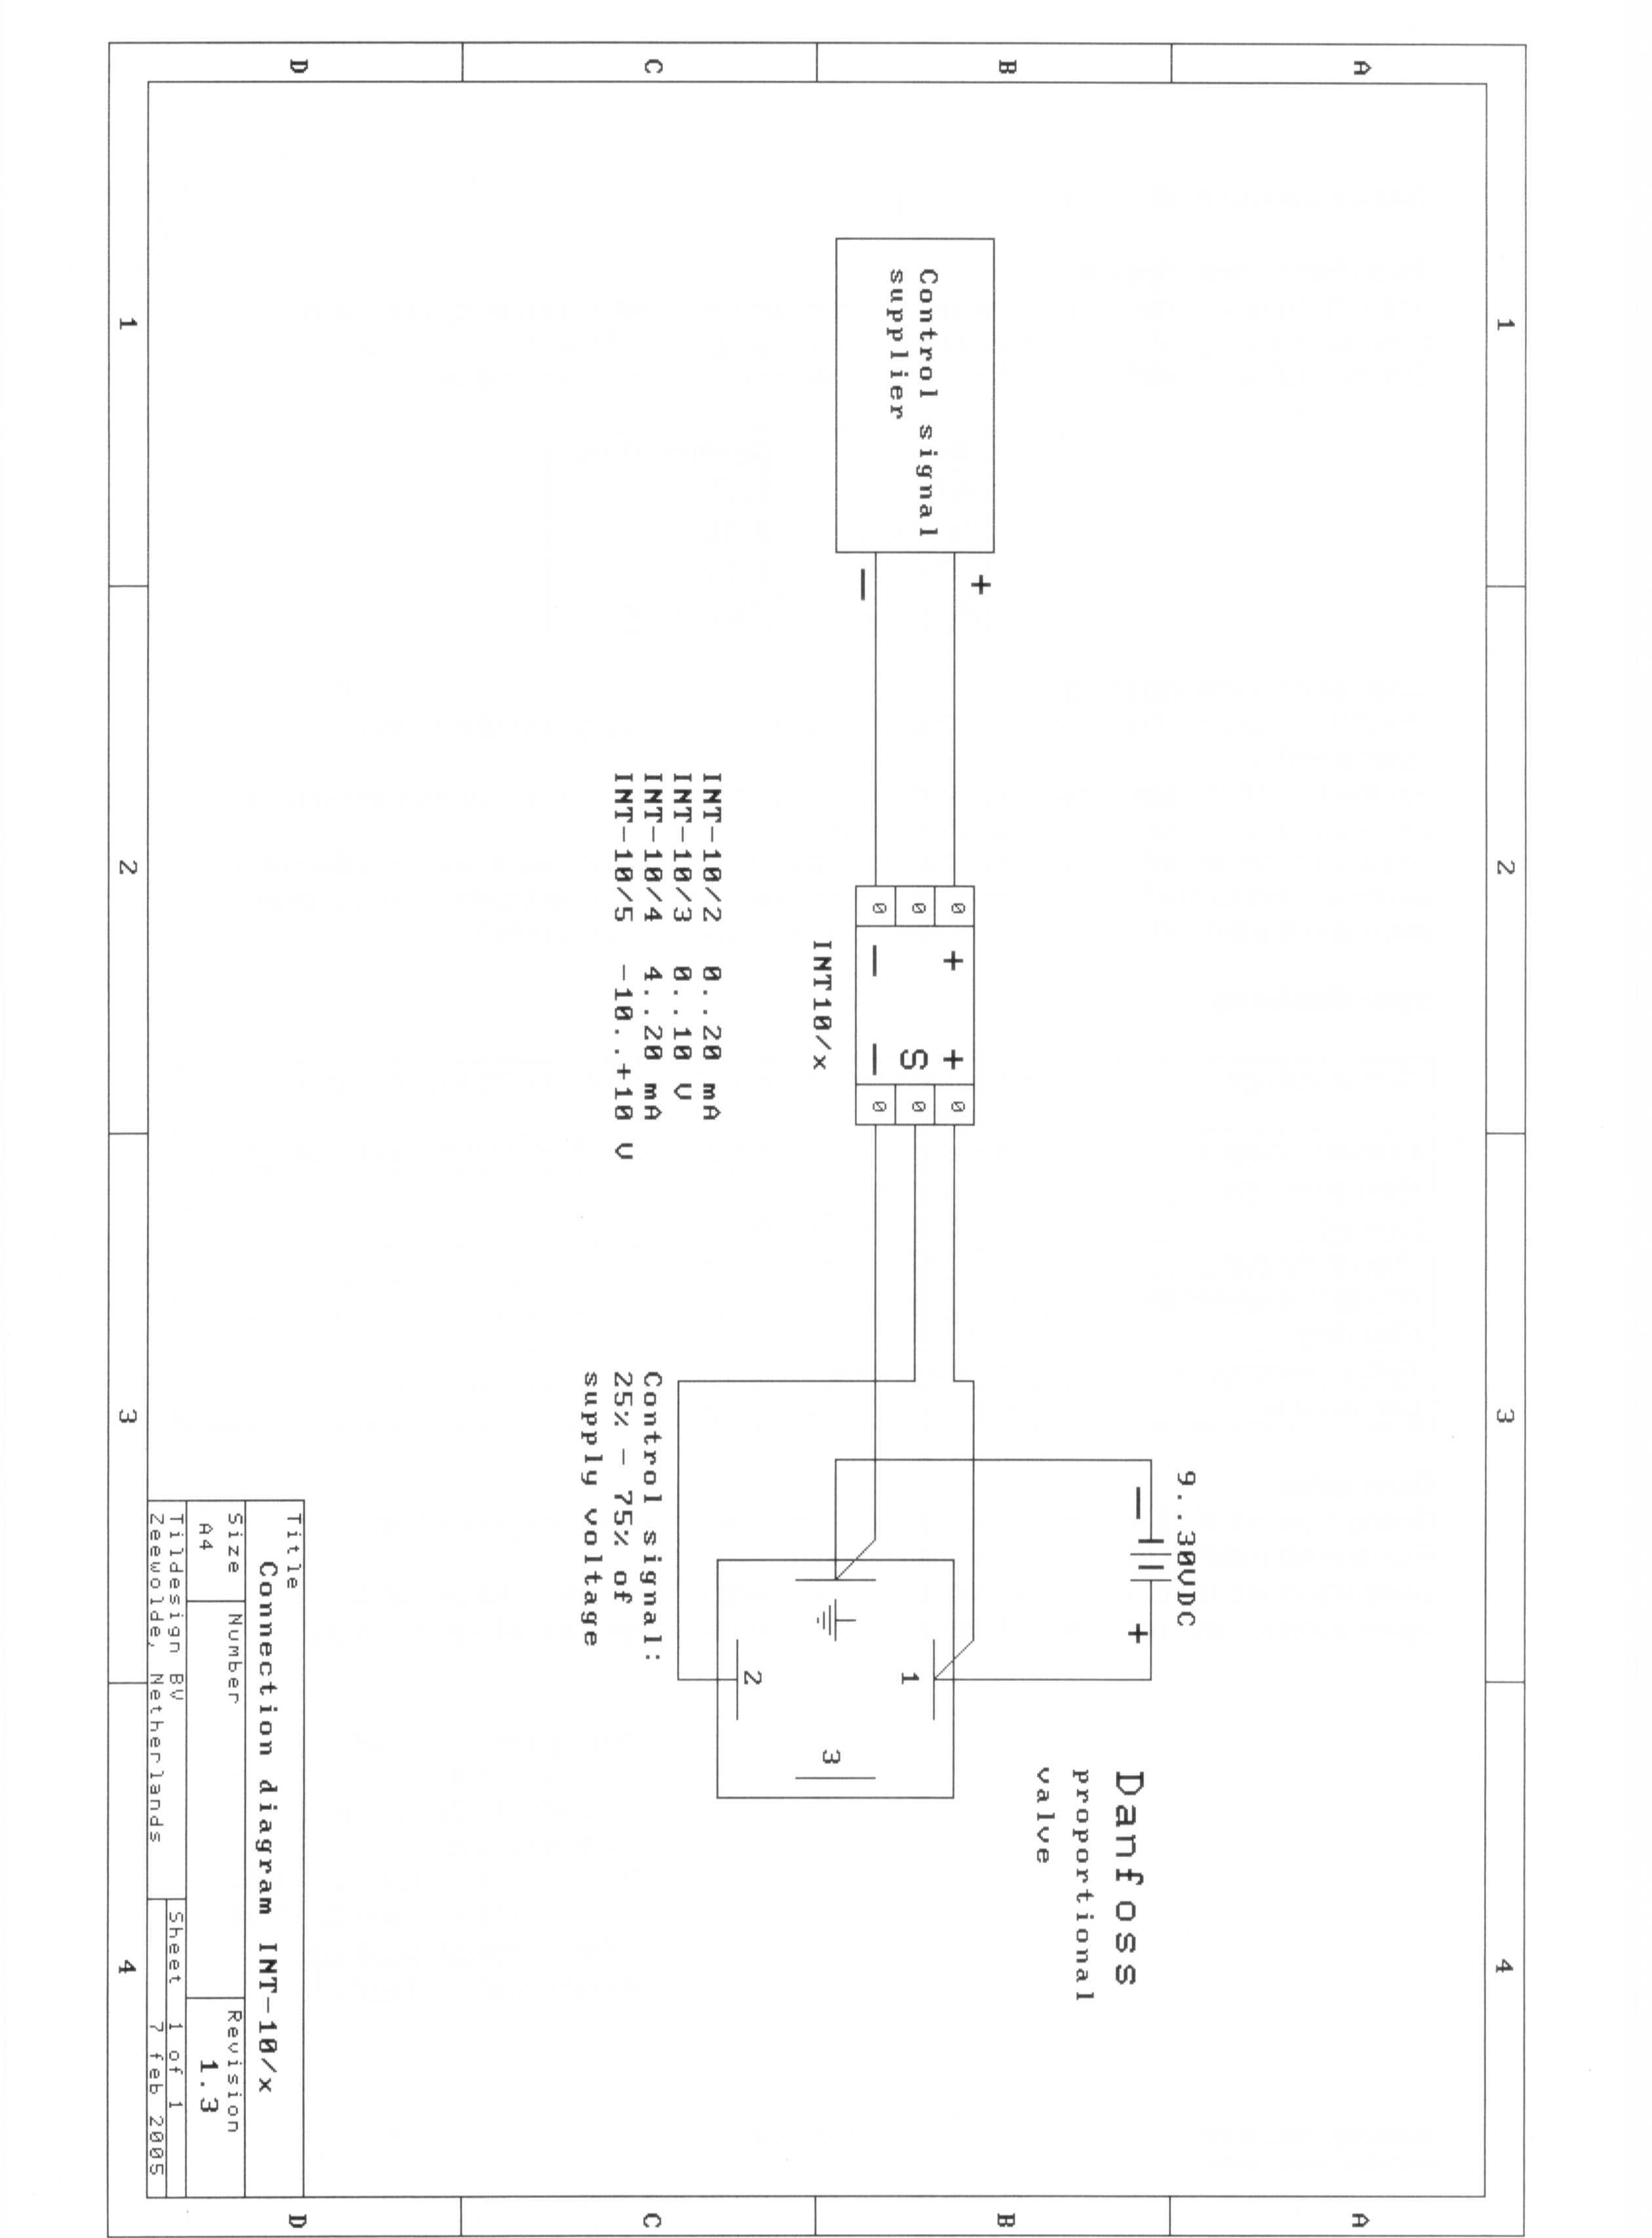 Danfoss 2 Port Motorised Valve Wiring Diagram